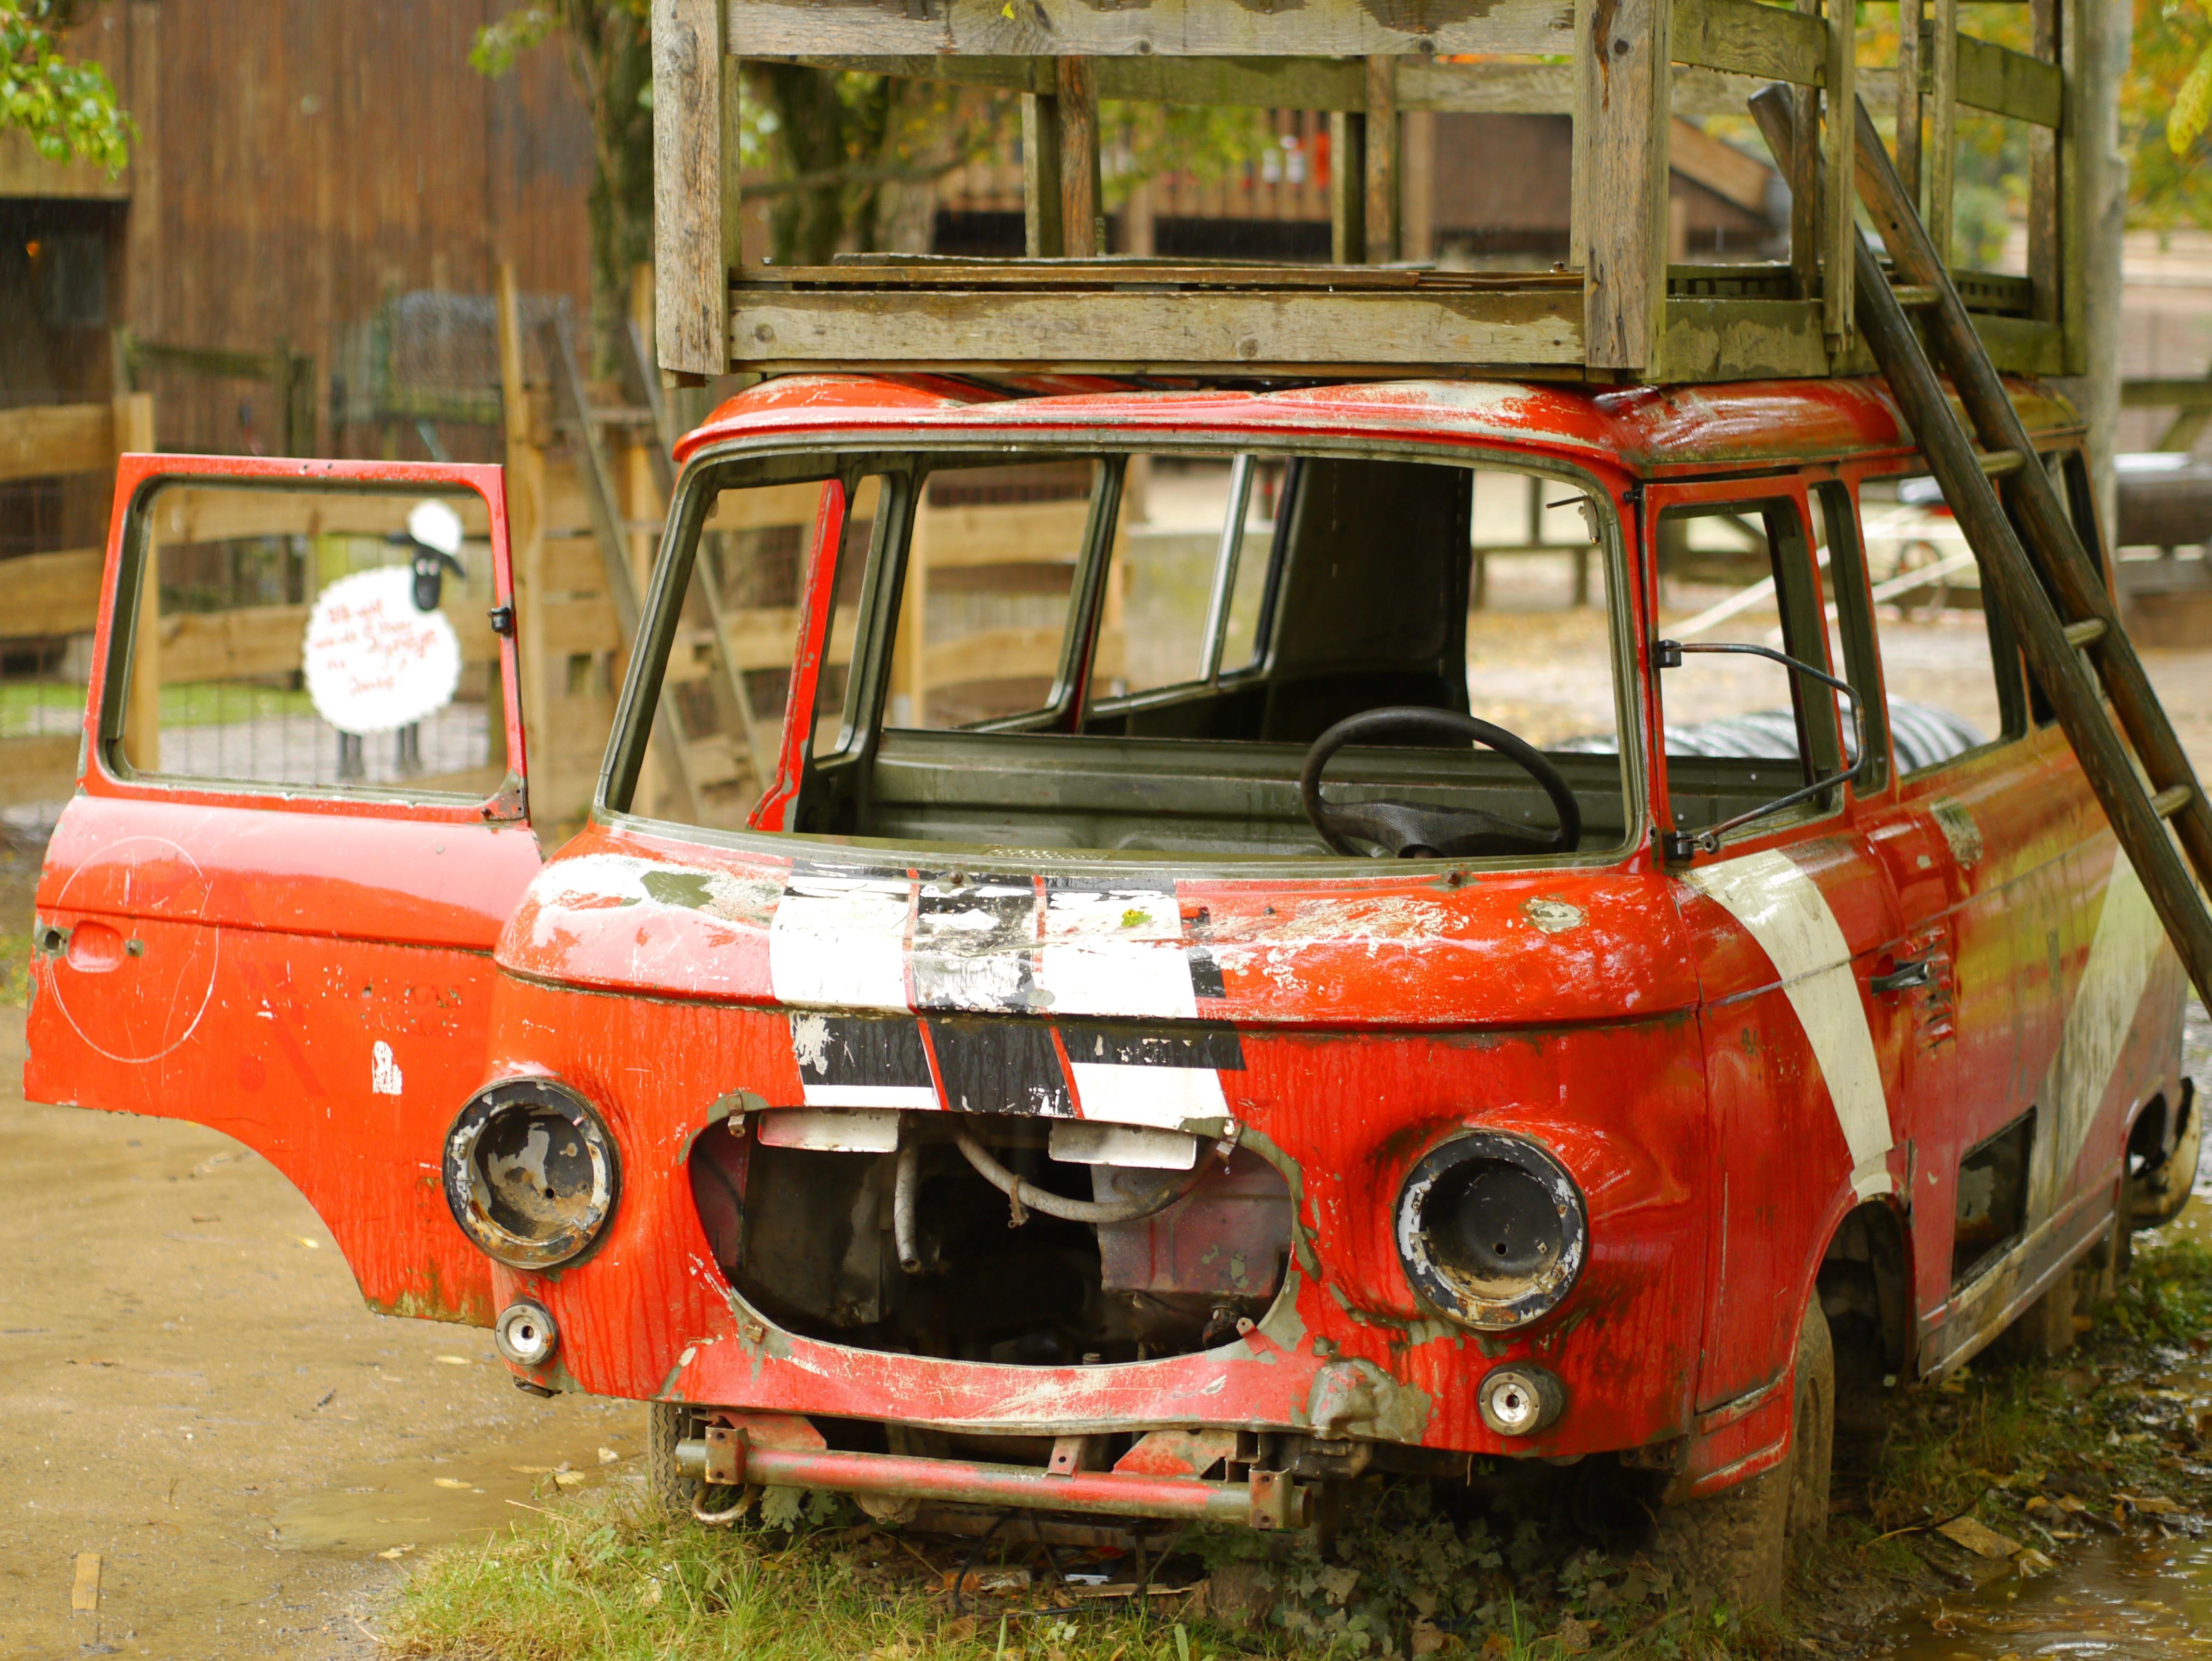 Free Images : jeep, auto, motor vehicle, vintage car, bus, sedan ...